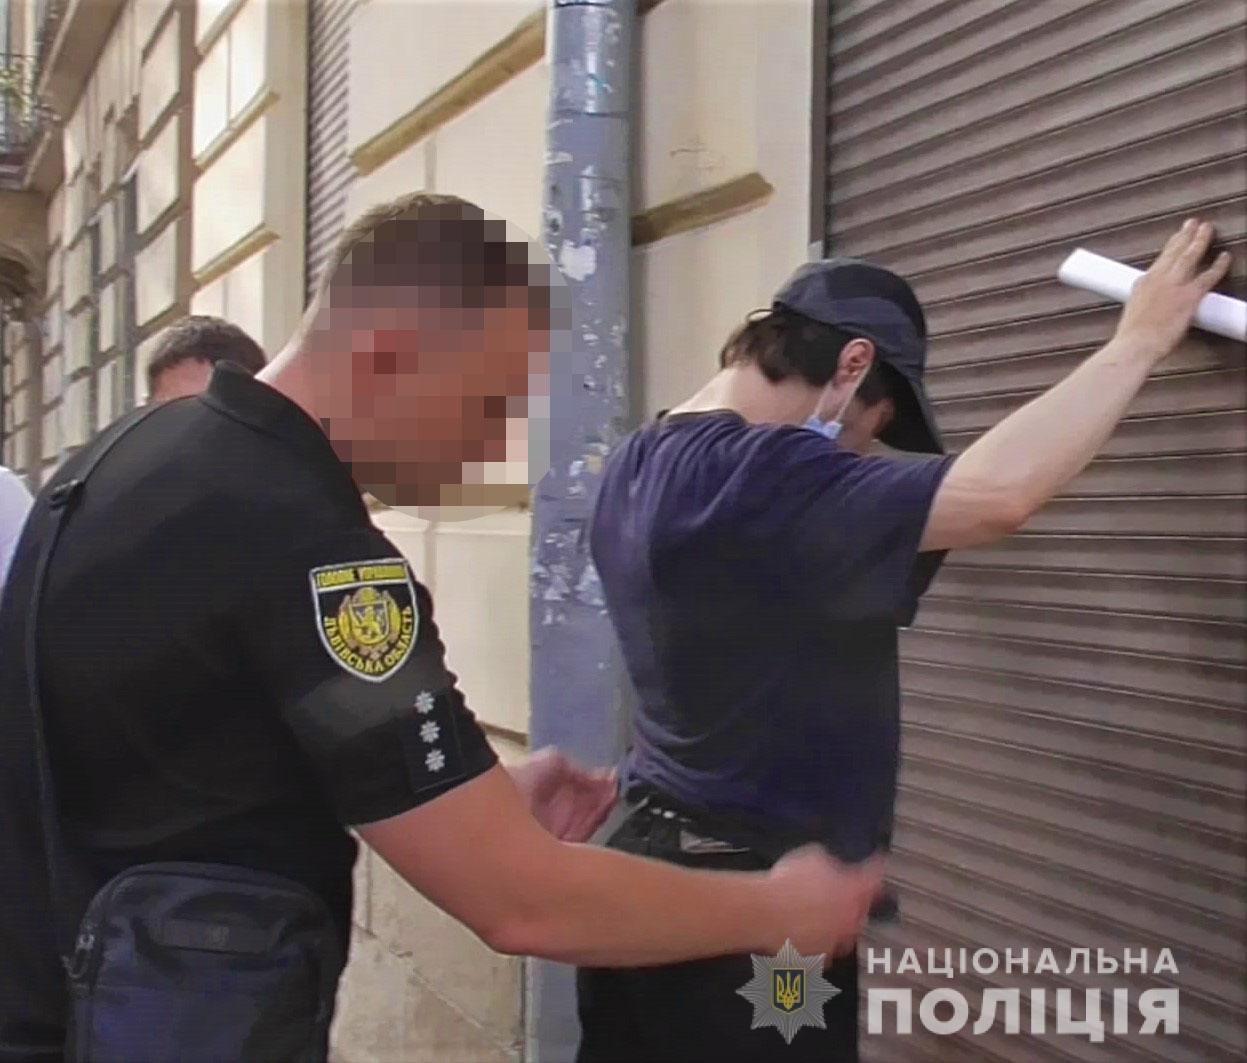 Поліцейські затримали розповсюджувача наркотиків у Львові, Фото: пресслужби поліції Львівщини